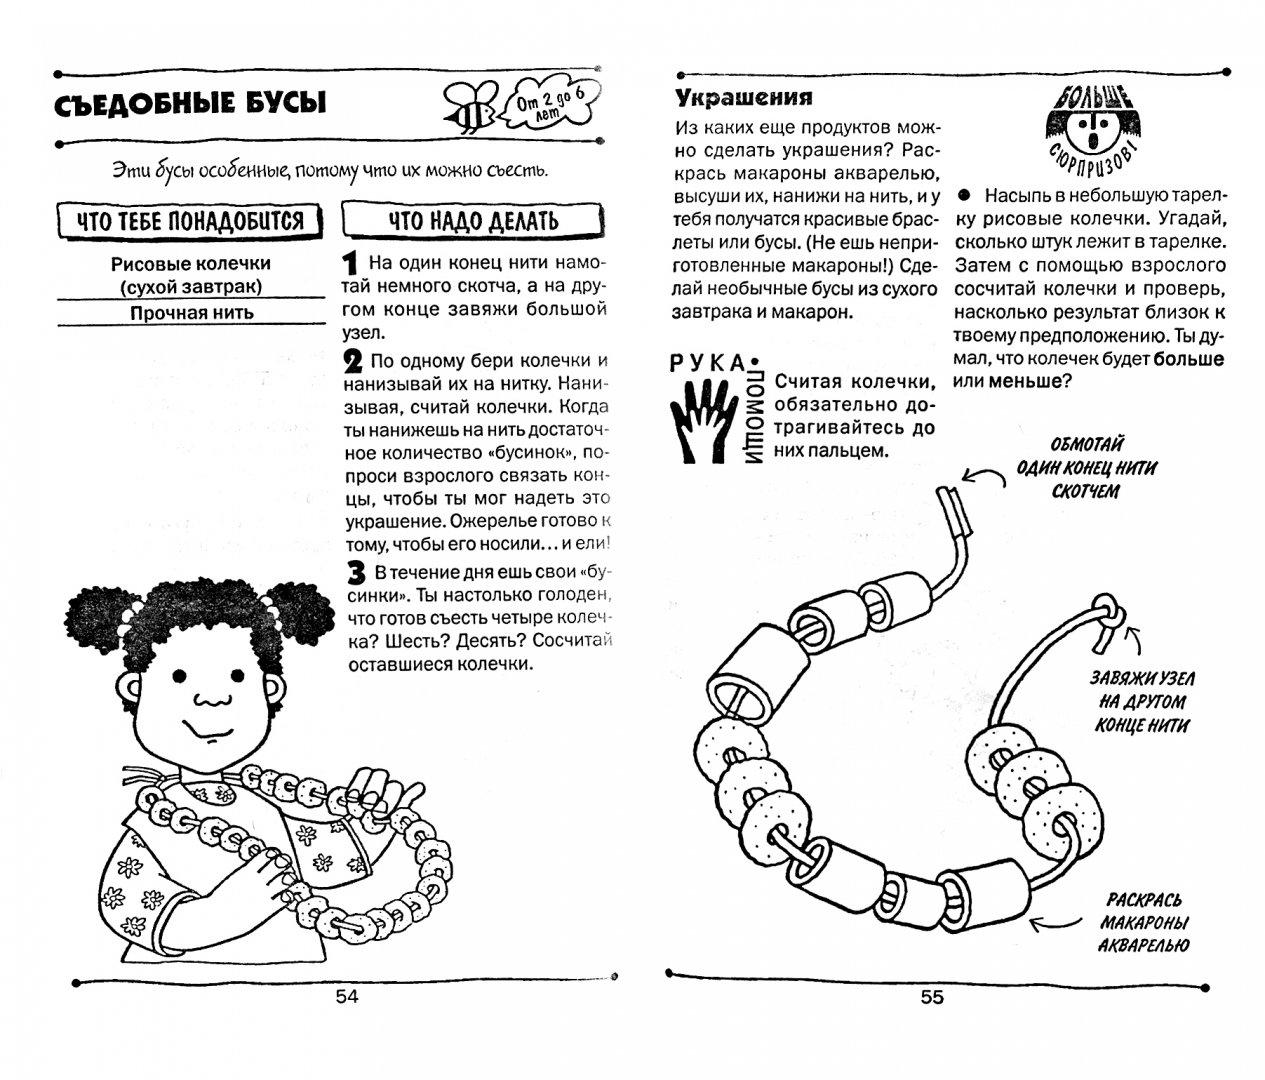 Иллюстрация 1 из 23 для Веселые уроки - Мэри Томчик | Лабиринт - книги. Источник: Лабиринт